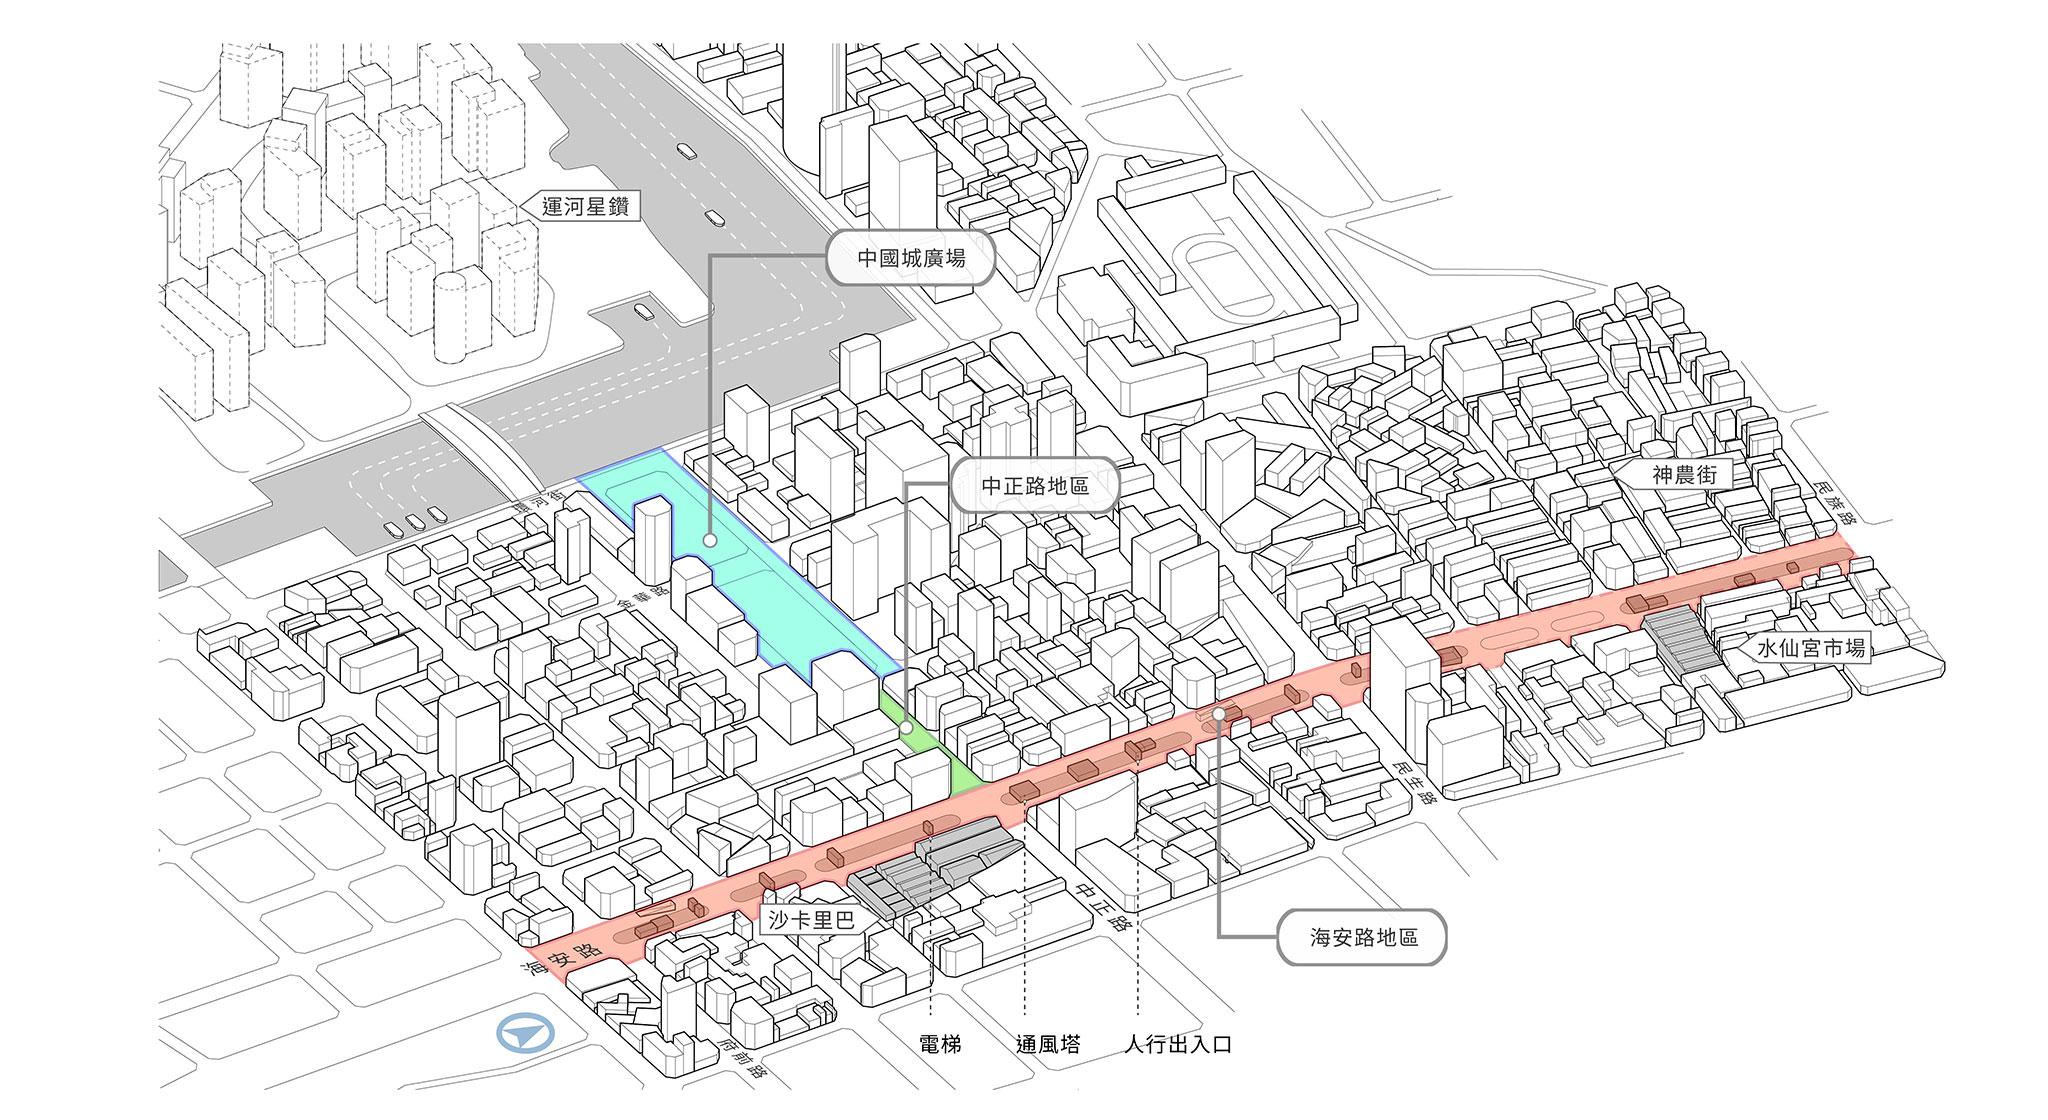 府城軸帶地景改造國際競圖 第一階段評選出爐